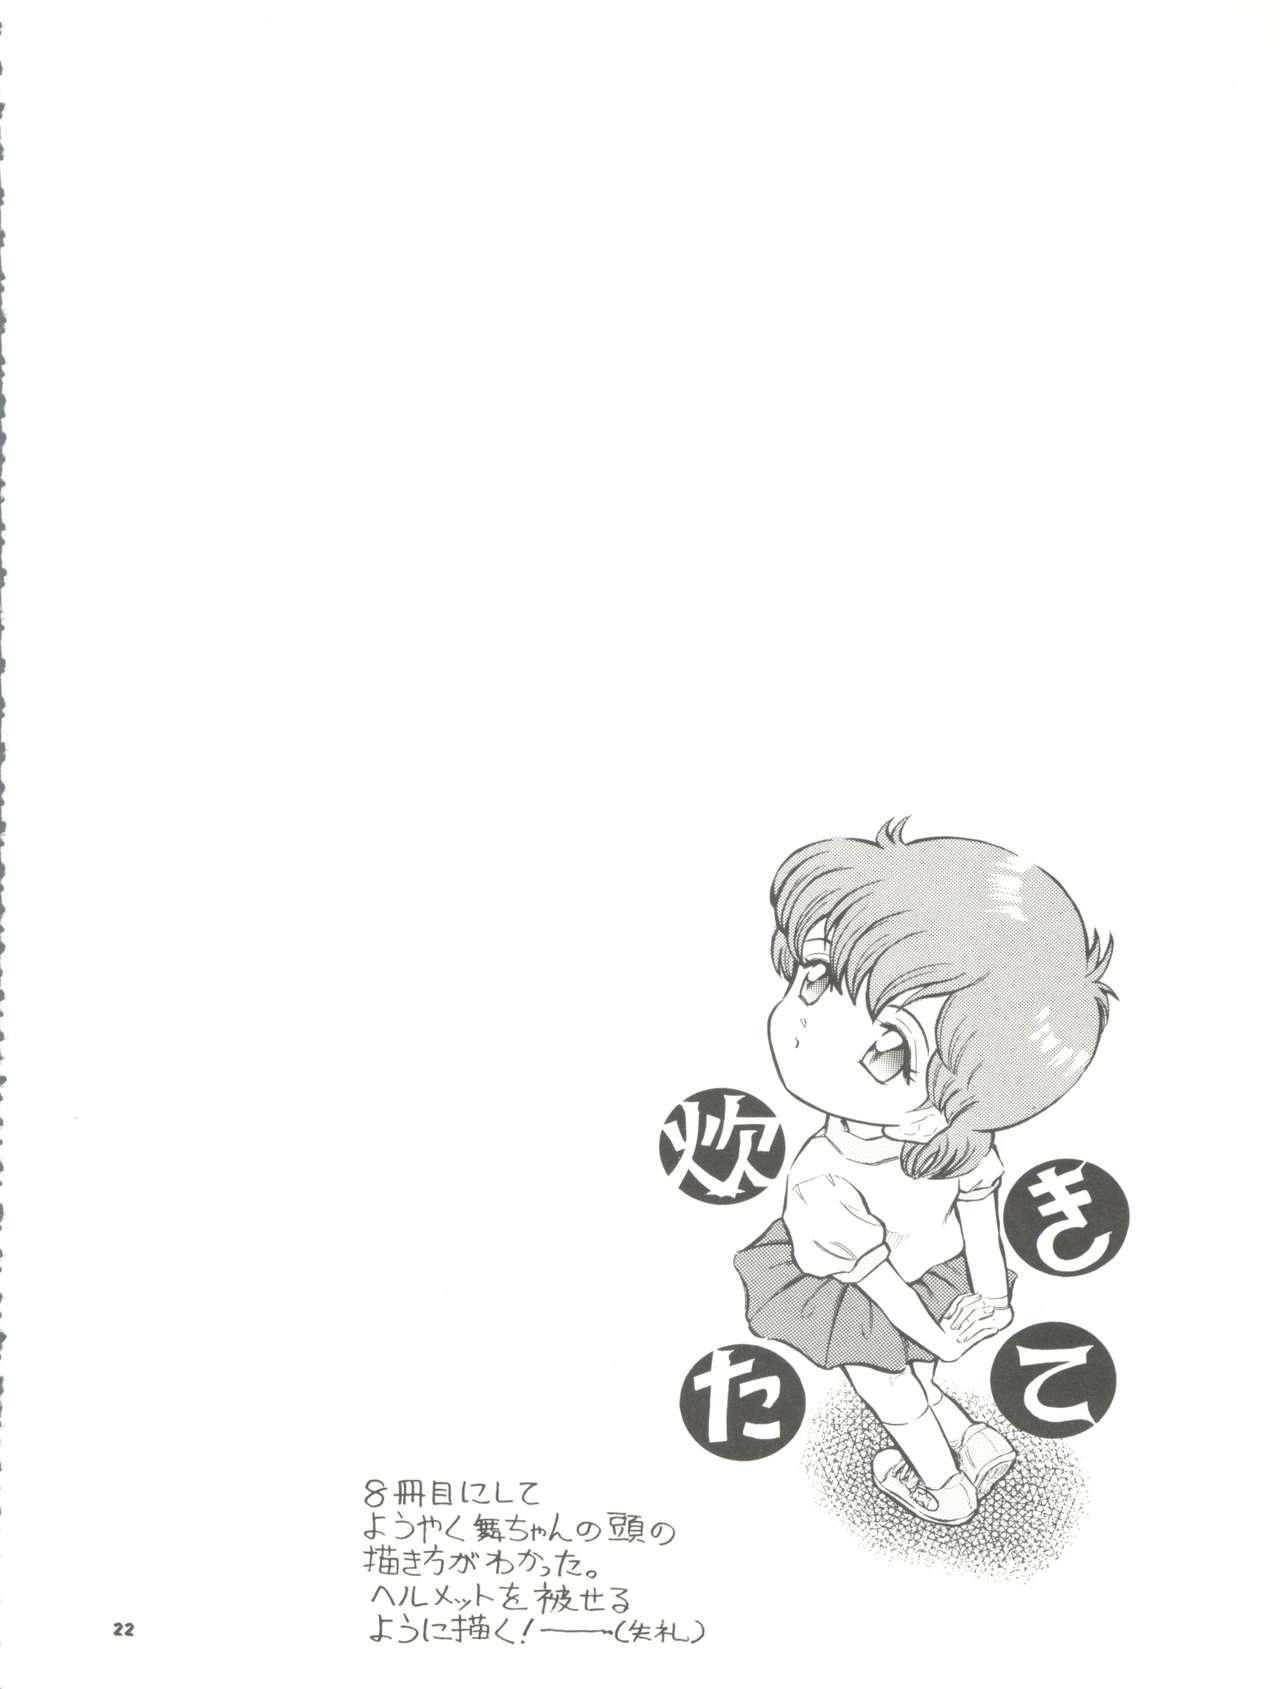 Mahou Kyuushiki 8 - Magical Classic 8 21